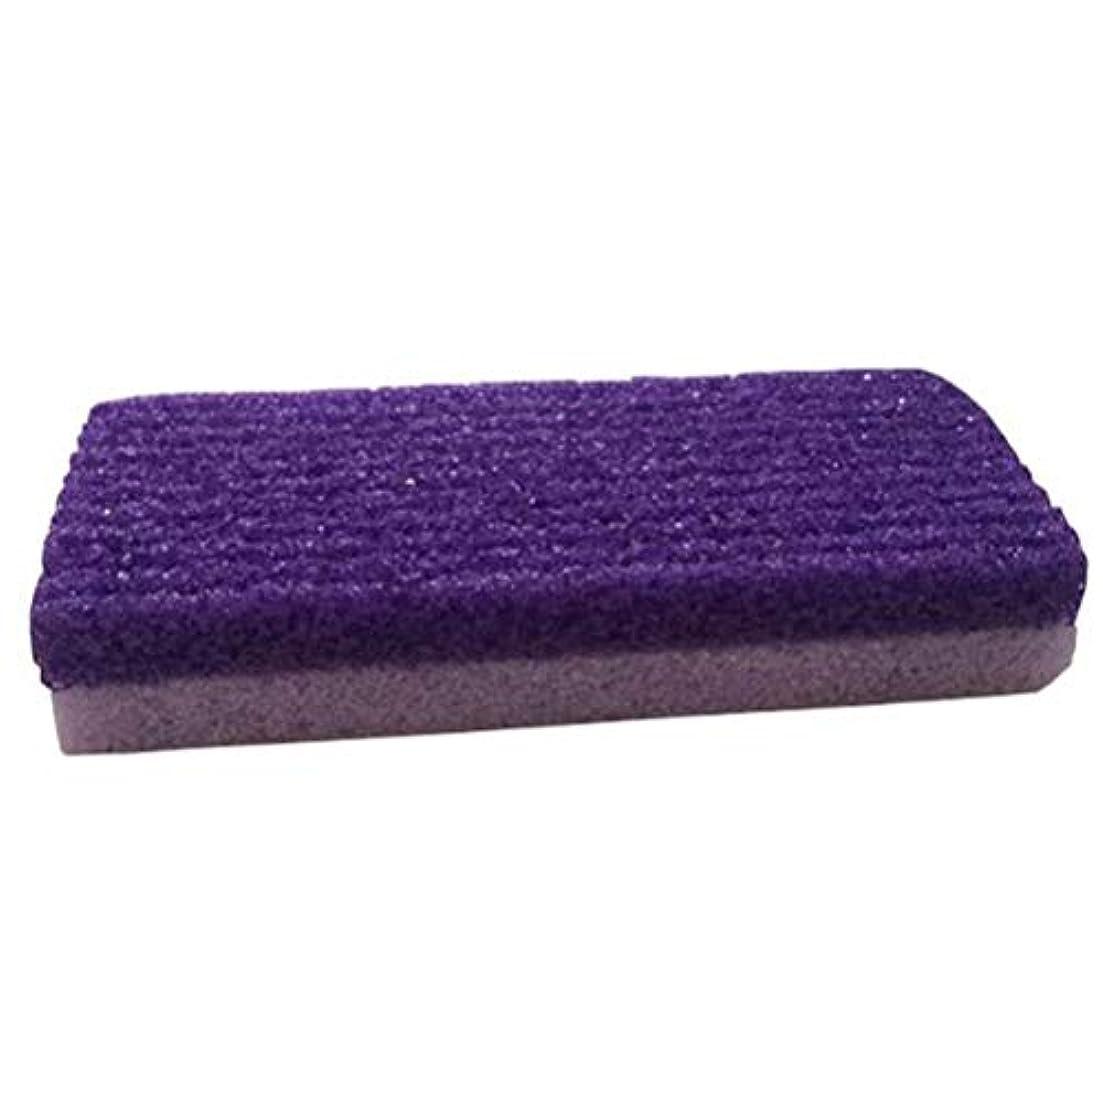 下向き模倣適用するHEALLILY 1本足スクラバーストーン軽石石足カルスリムーバーひびの入ったヒールデッドスキンコーンスムージングと剥離フットファイルペディキュアツール(紫)